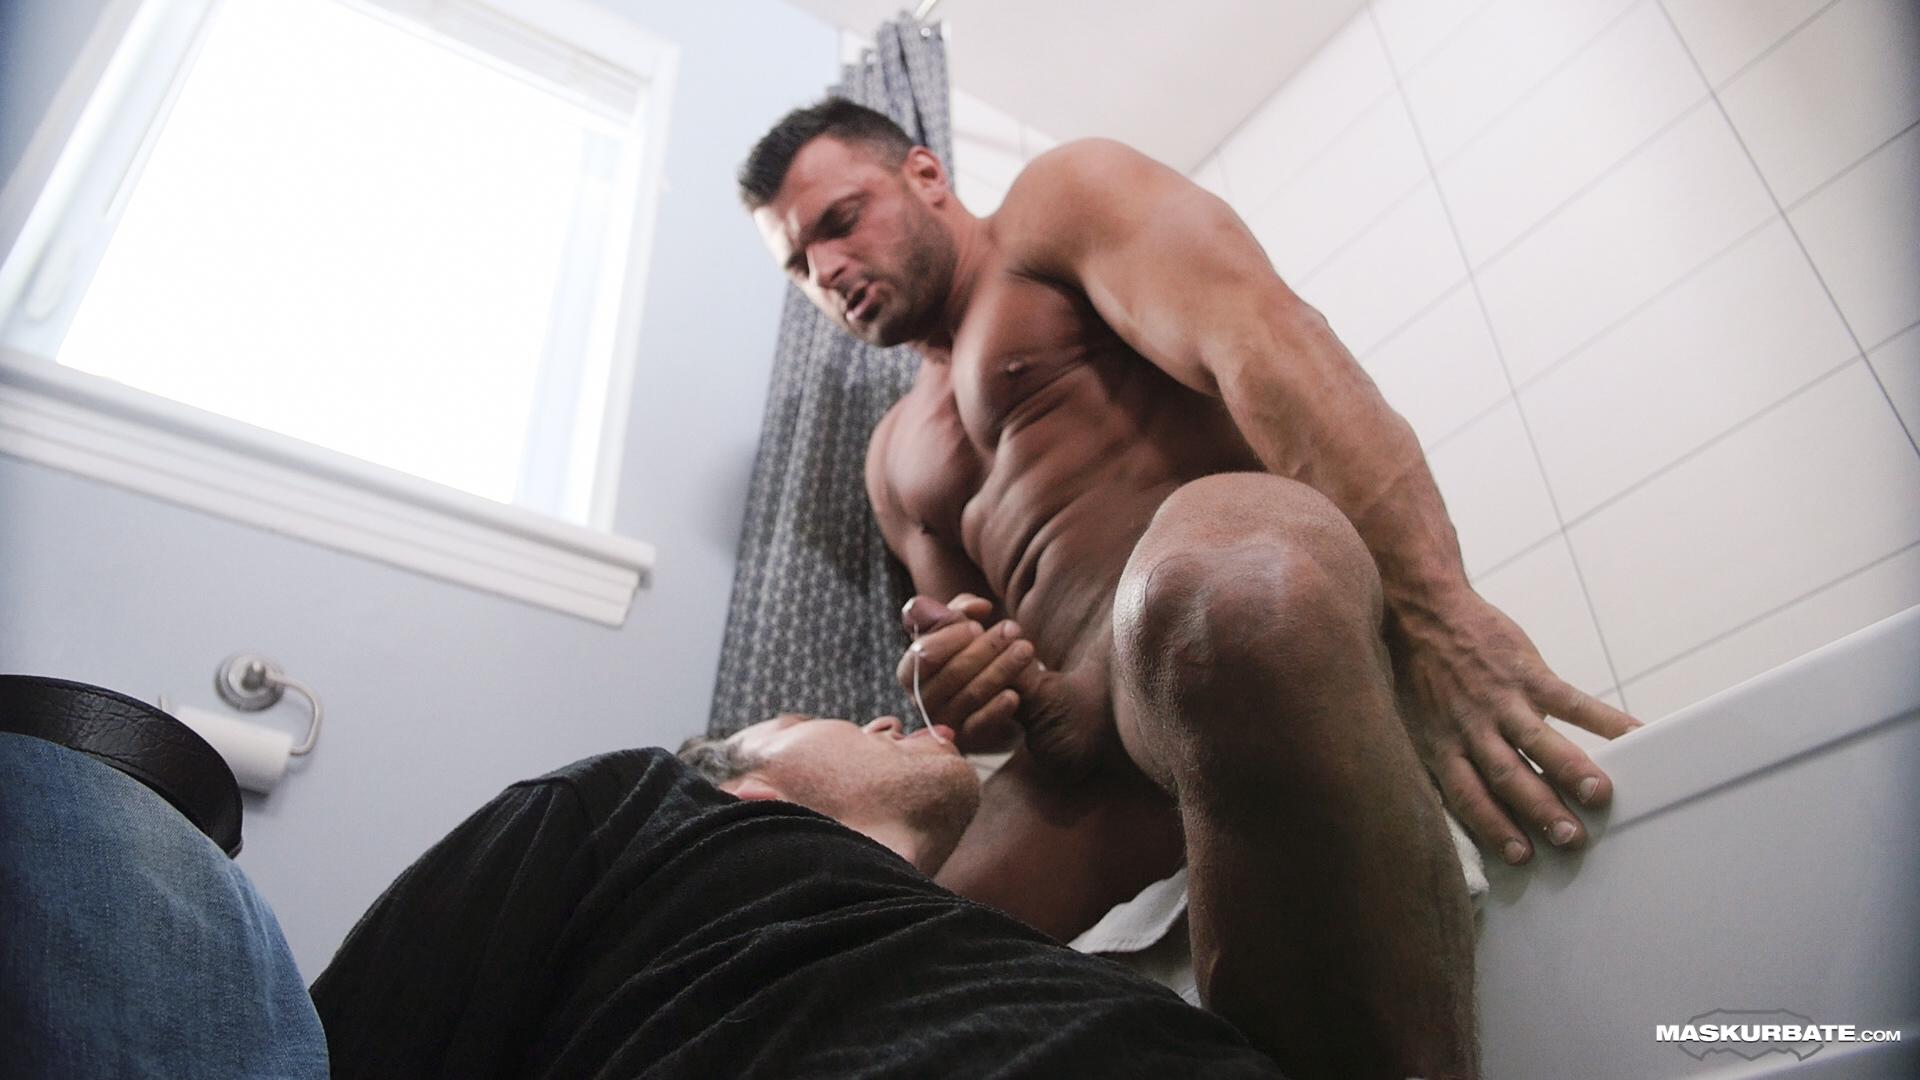 Gay Porn, Gay Porno, Watch Gay Porn